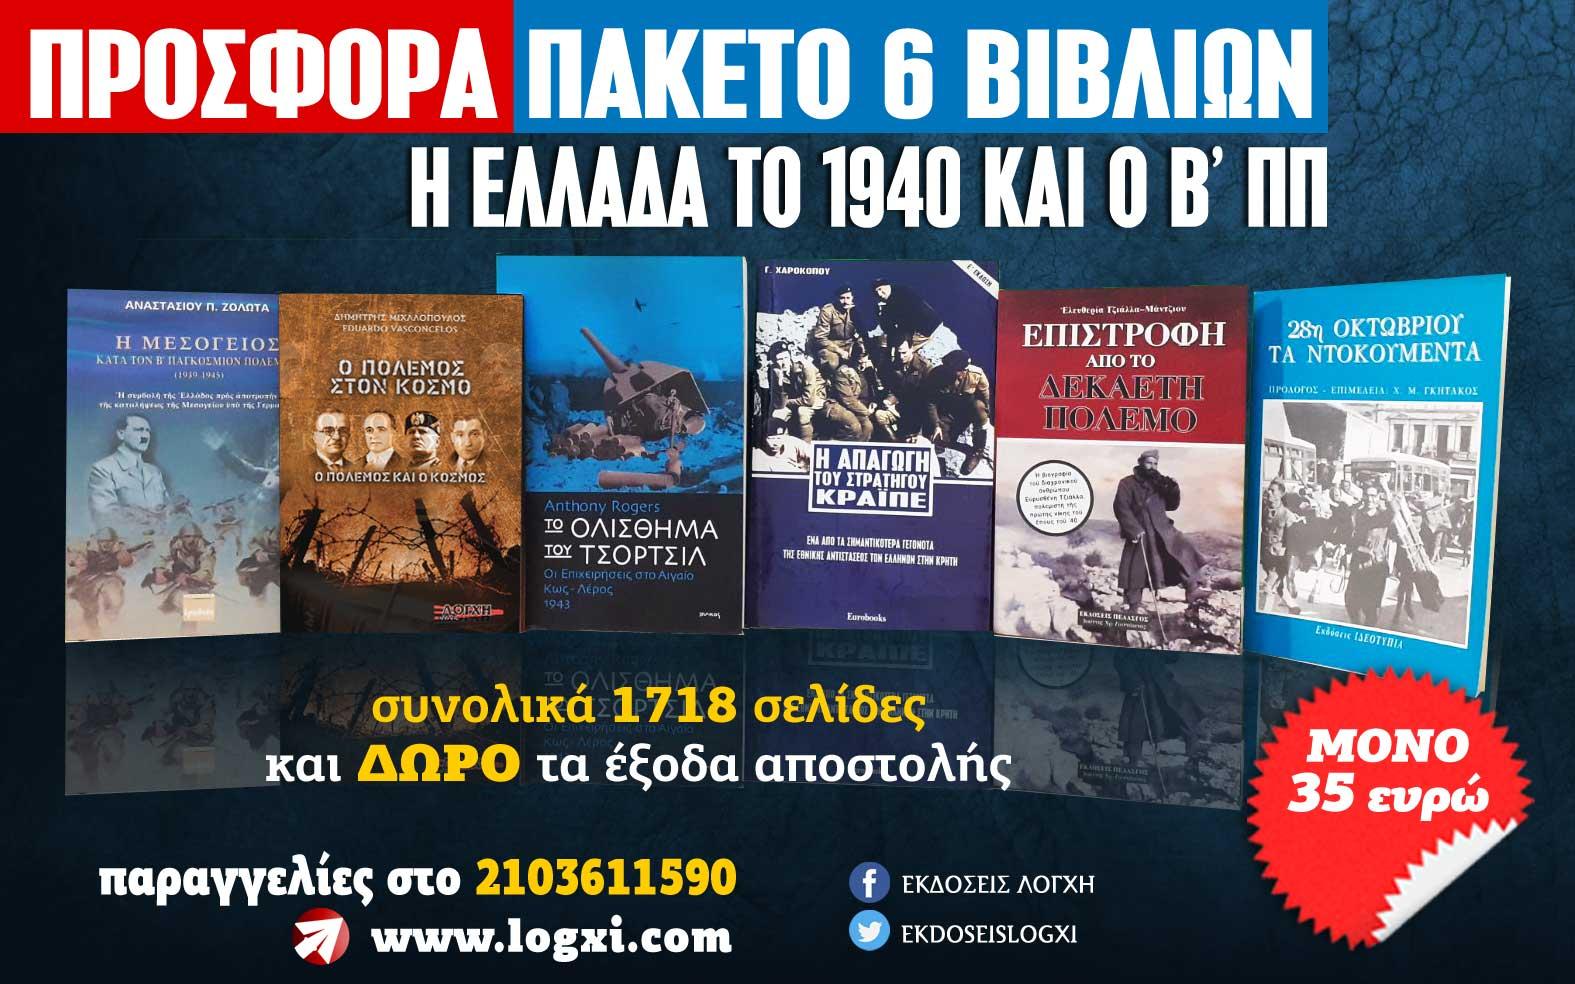 Προσφορά για την 28η Οκτωβρίου, 6 βιβλία 35 ευρώ